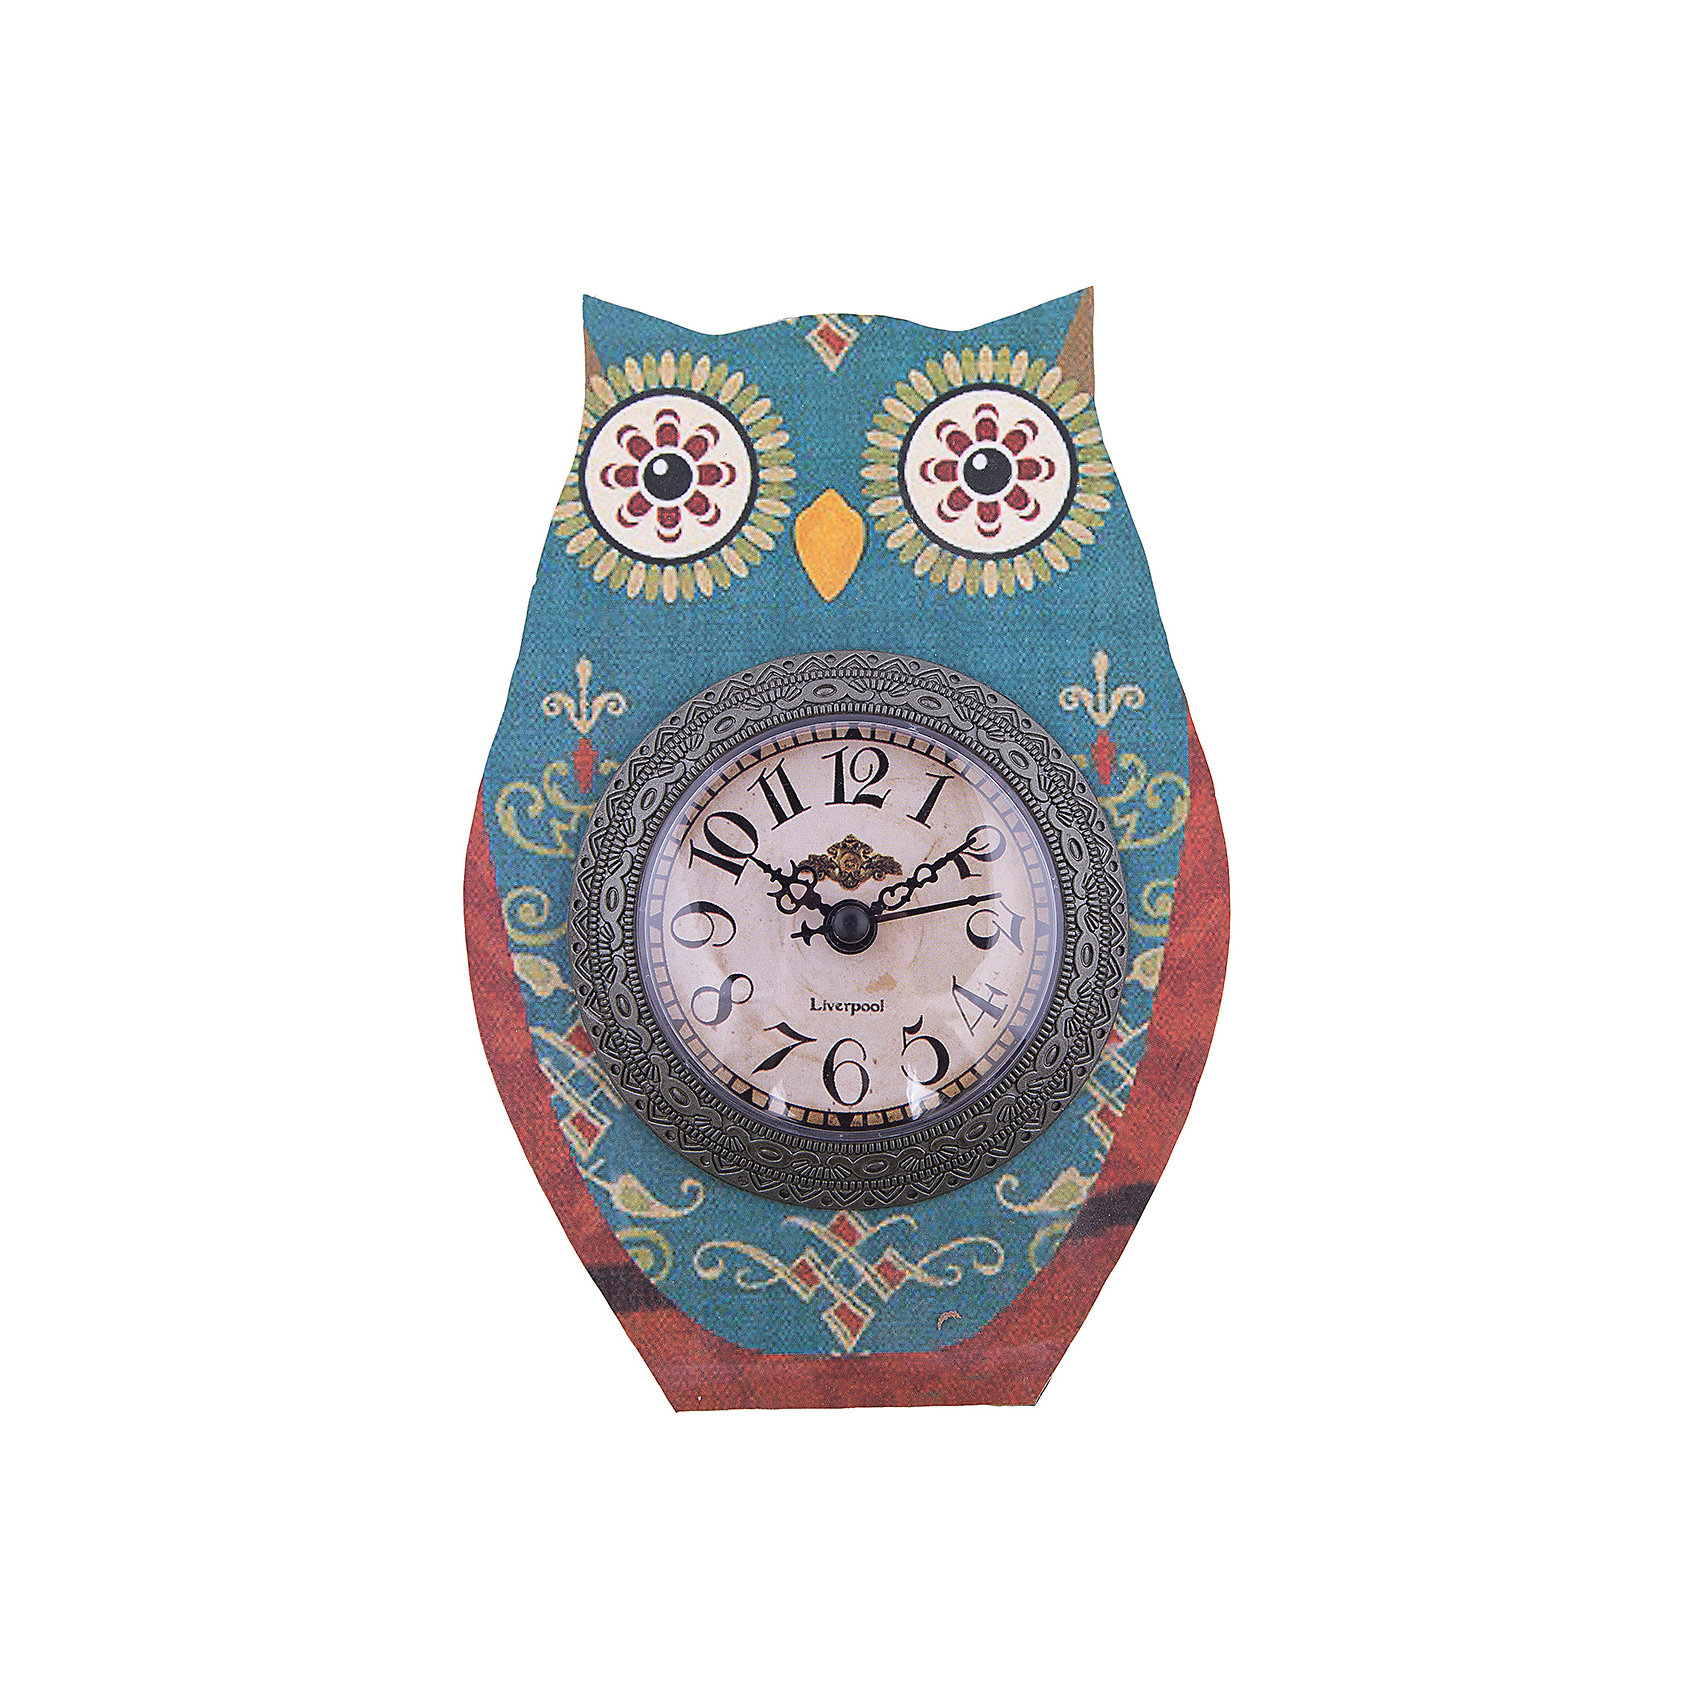 Часы настольные Совушкины чары, Magic HomeДетские предметы интерьера<br>Настольные часы с открытым циферблатом устанавливаются на плоской поверхности стола, полки или прикроватной тумбочки. Ход стрелок плавный, часы кварцевые, без боя, с циферблатом, часовой механизм находится на задней стенке часов. Корпус часов Magic Home – мдф-основа с рисунком «Совушкины чары». <br><br>Дополнительная информация:<br><br>Для работы часов требуется 1 батарейка типа АА (приобретается отдельно).<br><br>Размер: 15х20 см<br><br>Материал: МДФ - древесноволокнистая плита средней плотности, изготовленная из древесных опилок мелкой фракции.<br><br>Часы настольные Совушкины чары, Magic Home можно купить в нашем интернет-магазине.<br><br>Ширина мм: 210<br>Глубина мм: 150<br>Высота мм: 40<br>Вес г: 177<br>Возраст от месяцев: 216<br>Возраст до месяцев: 1200<br>Пол: Унисекс<br>Возраст: Детский<br>SKU: 5030490